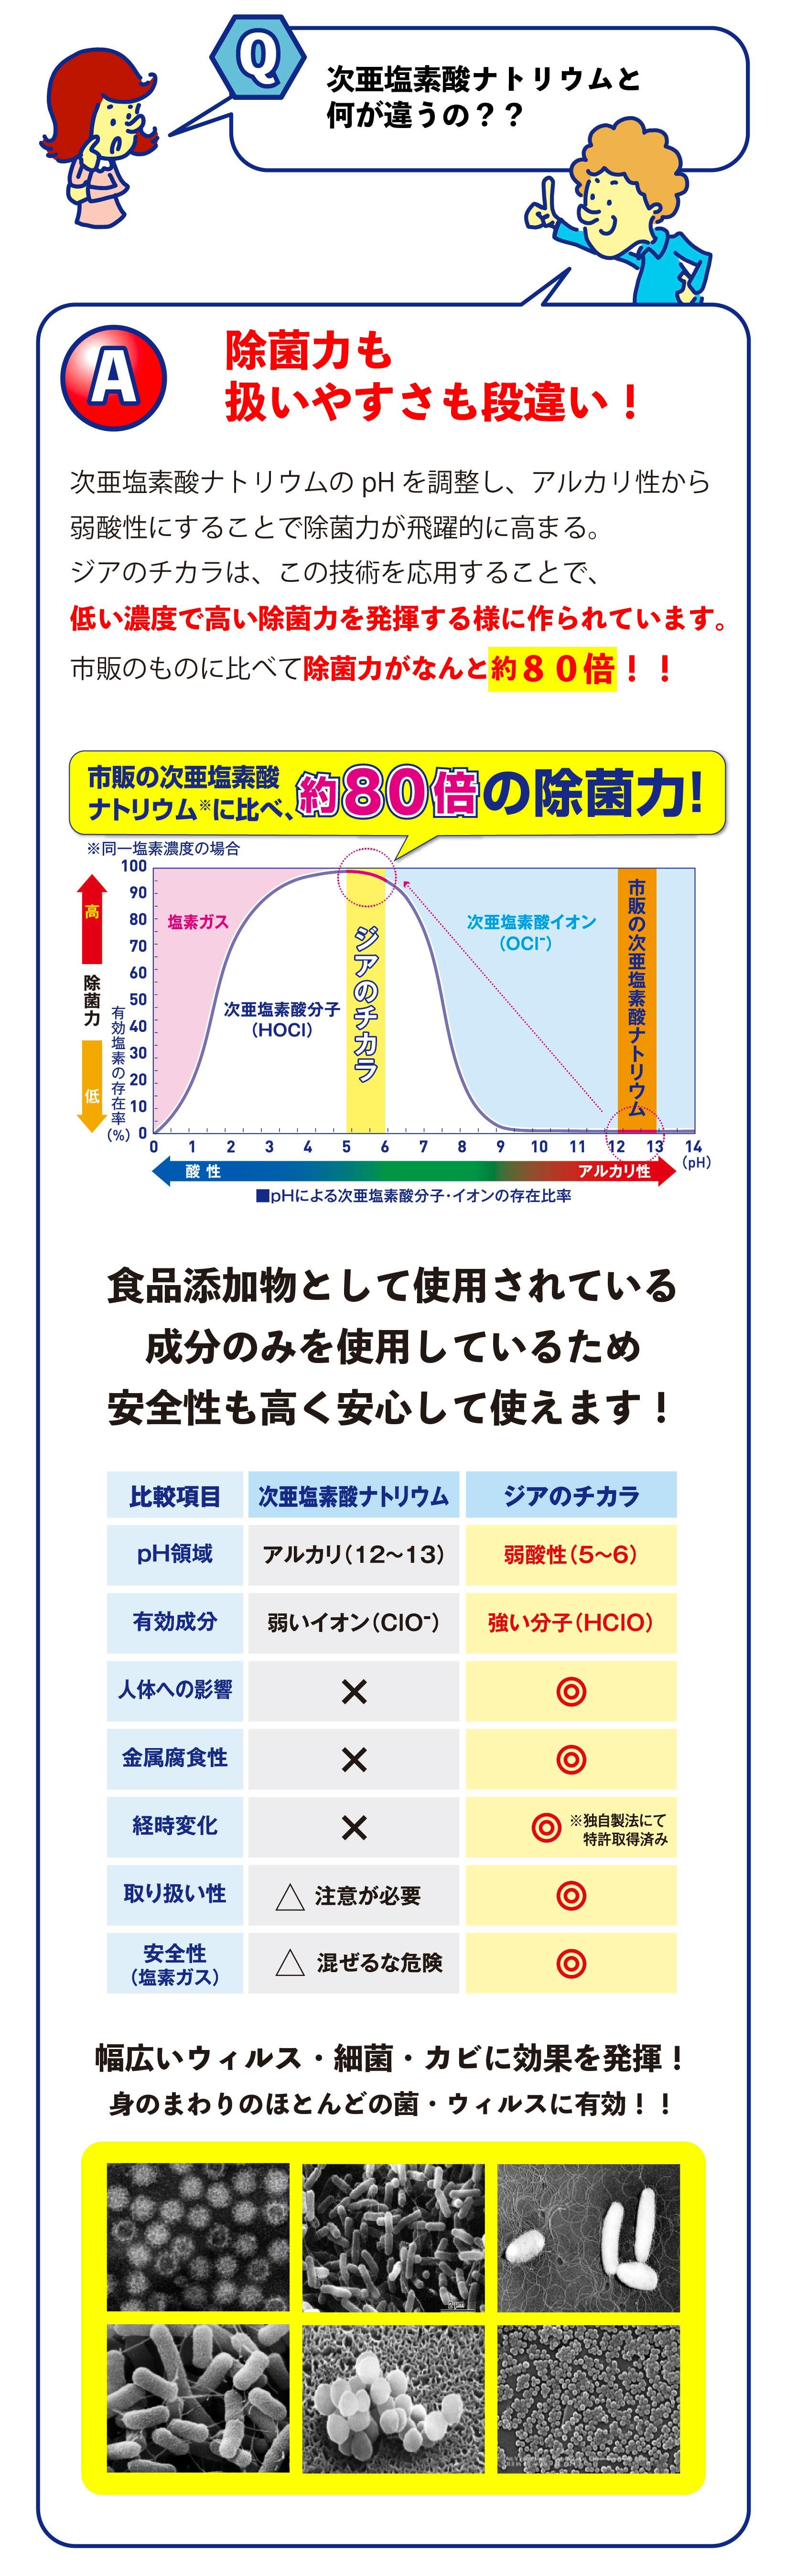 ジアのチカラ_次亜塩素酸ナトリウム_除菌力が高い_安全性が高い